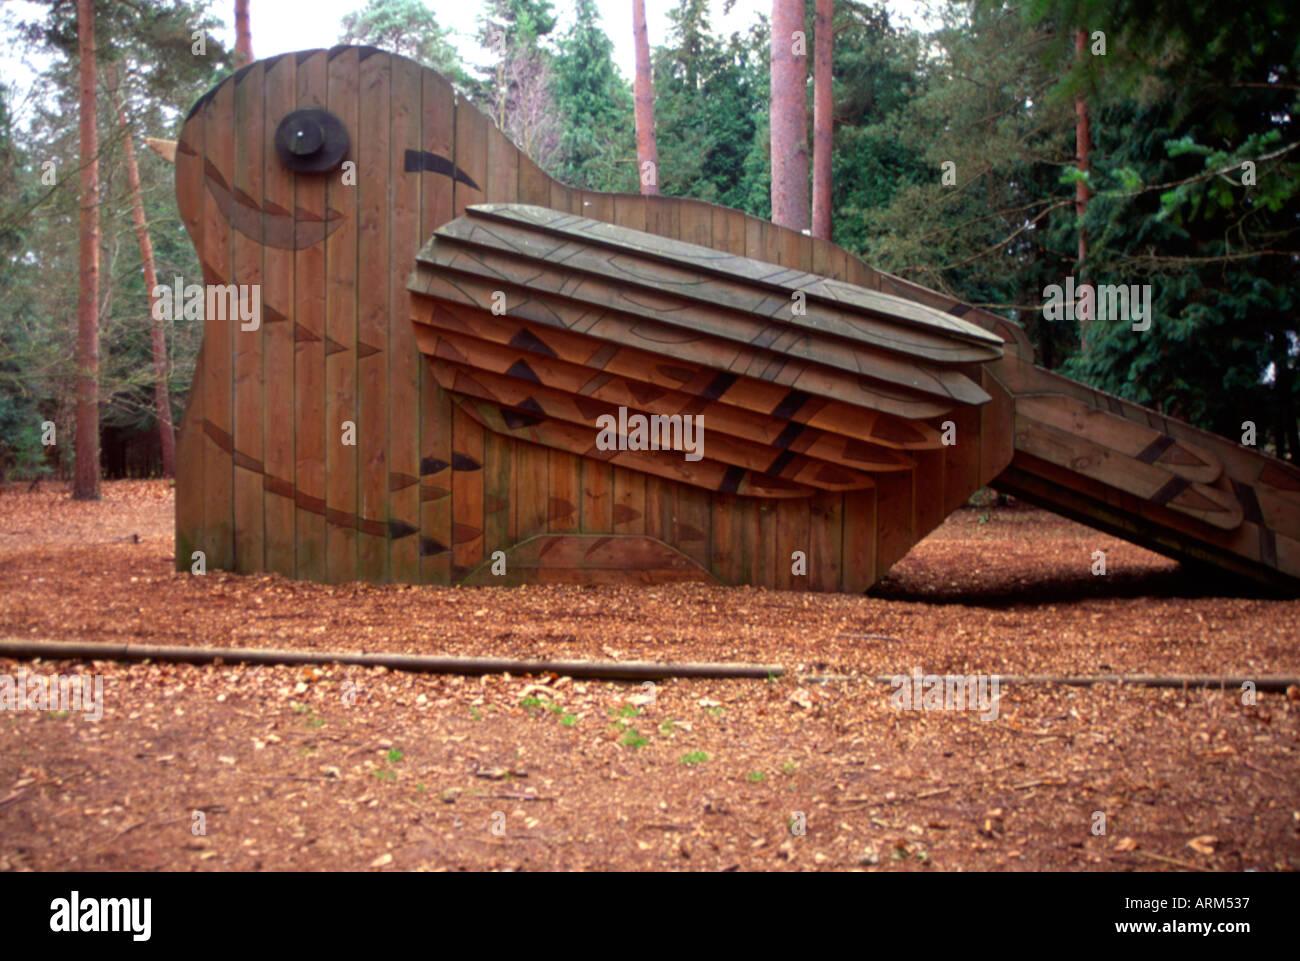 Wooden bird play attraction Rendlesham forest Suffolk England - Stock Image